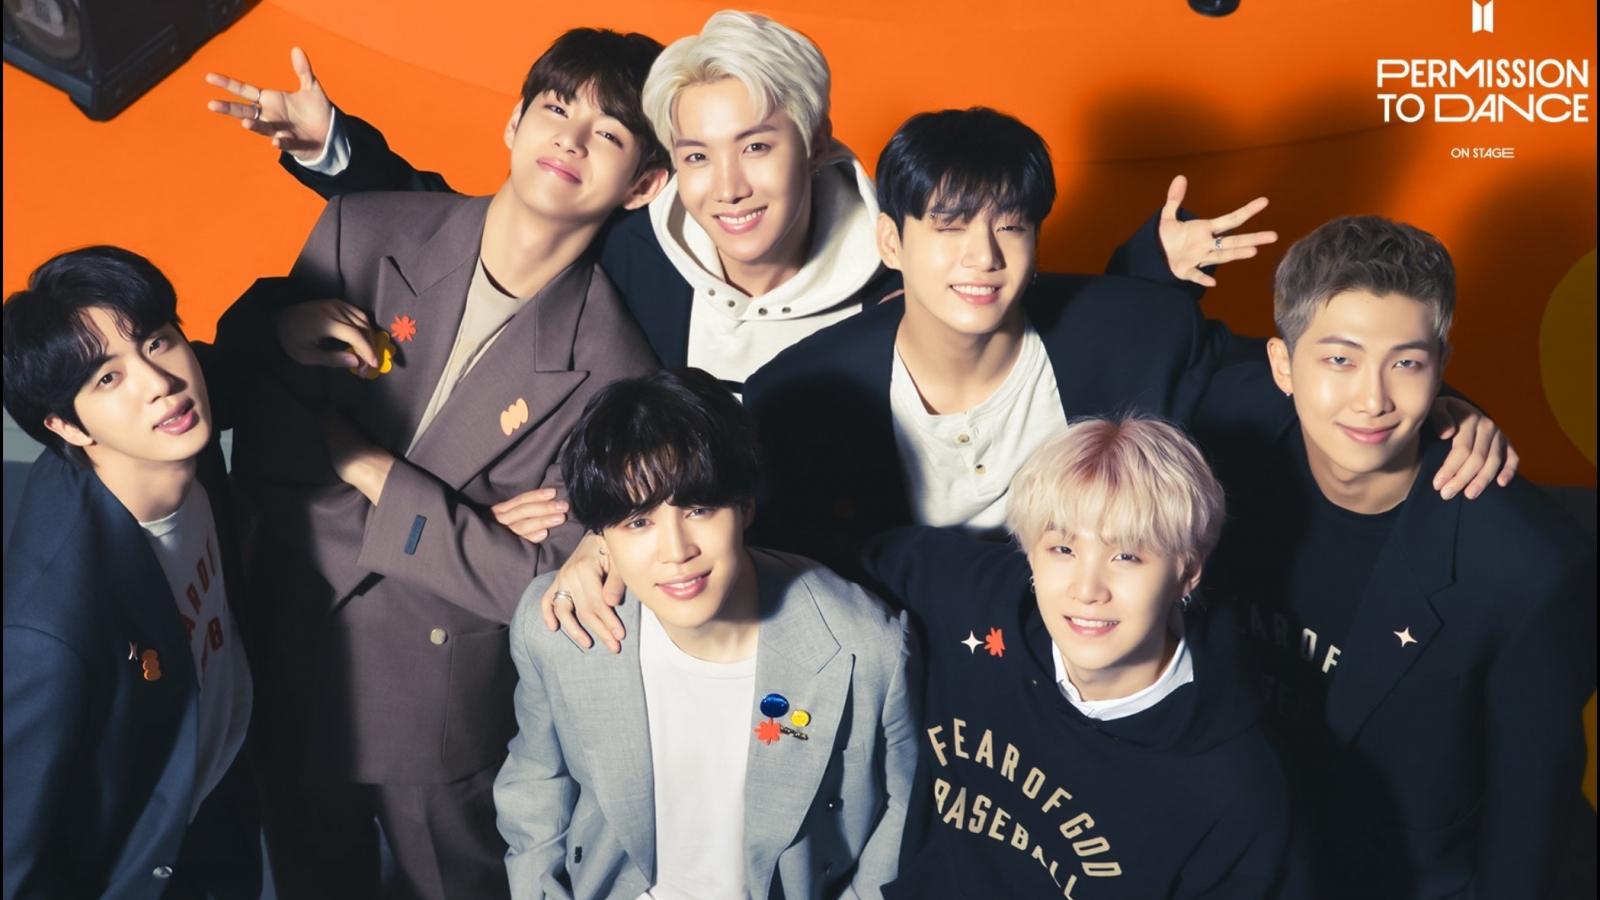 Concert trực tuyến của BTS mang đến thông điệp về hy vọng giữa đại dịch